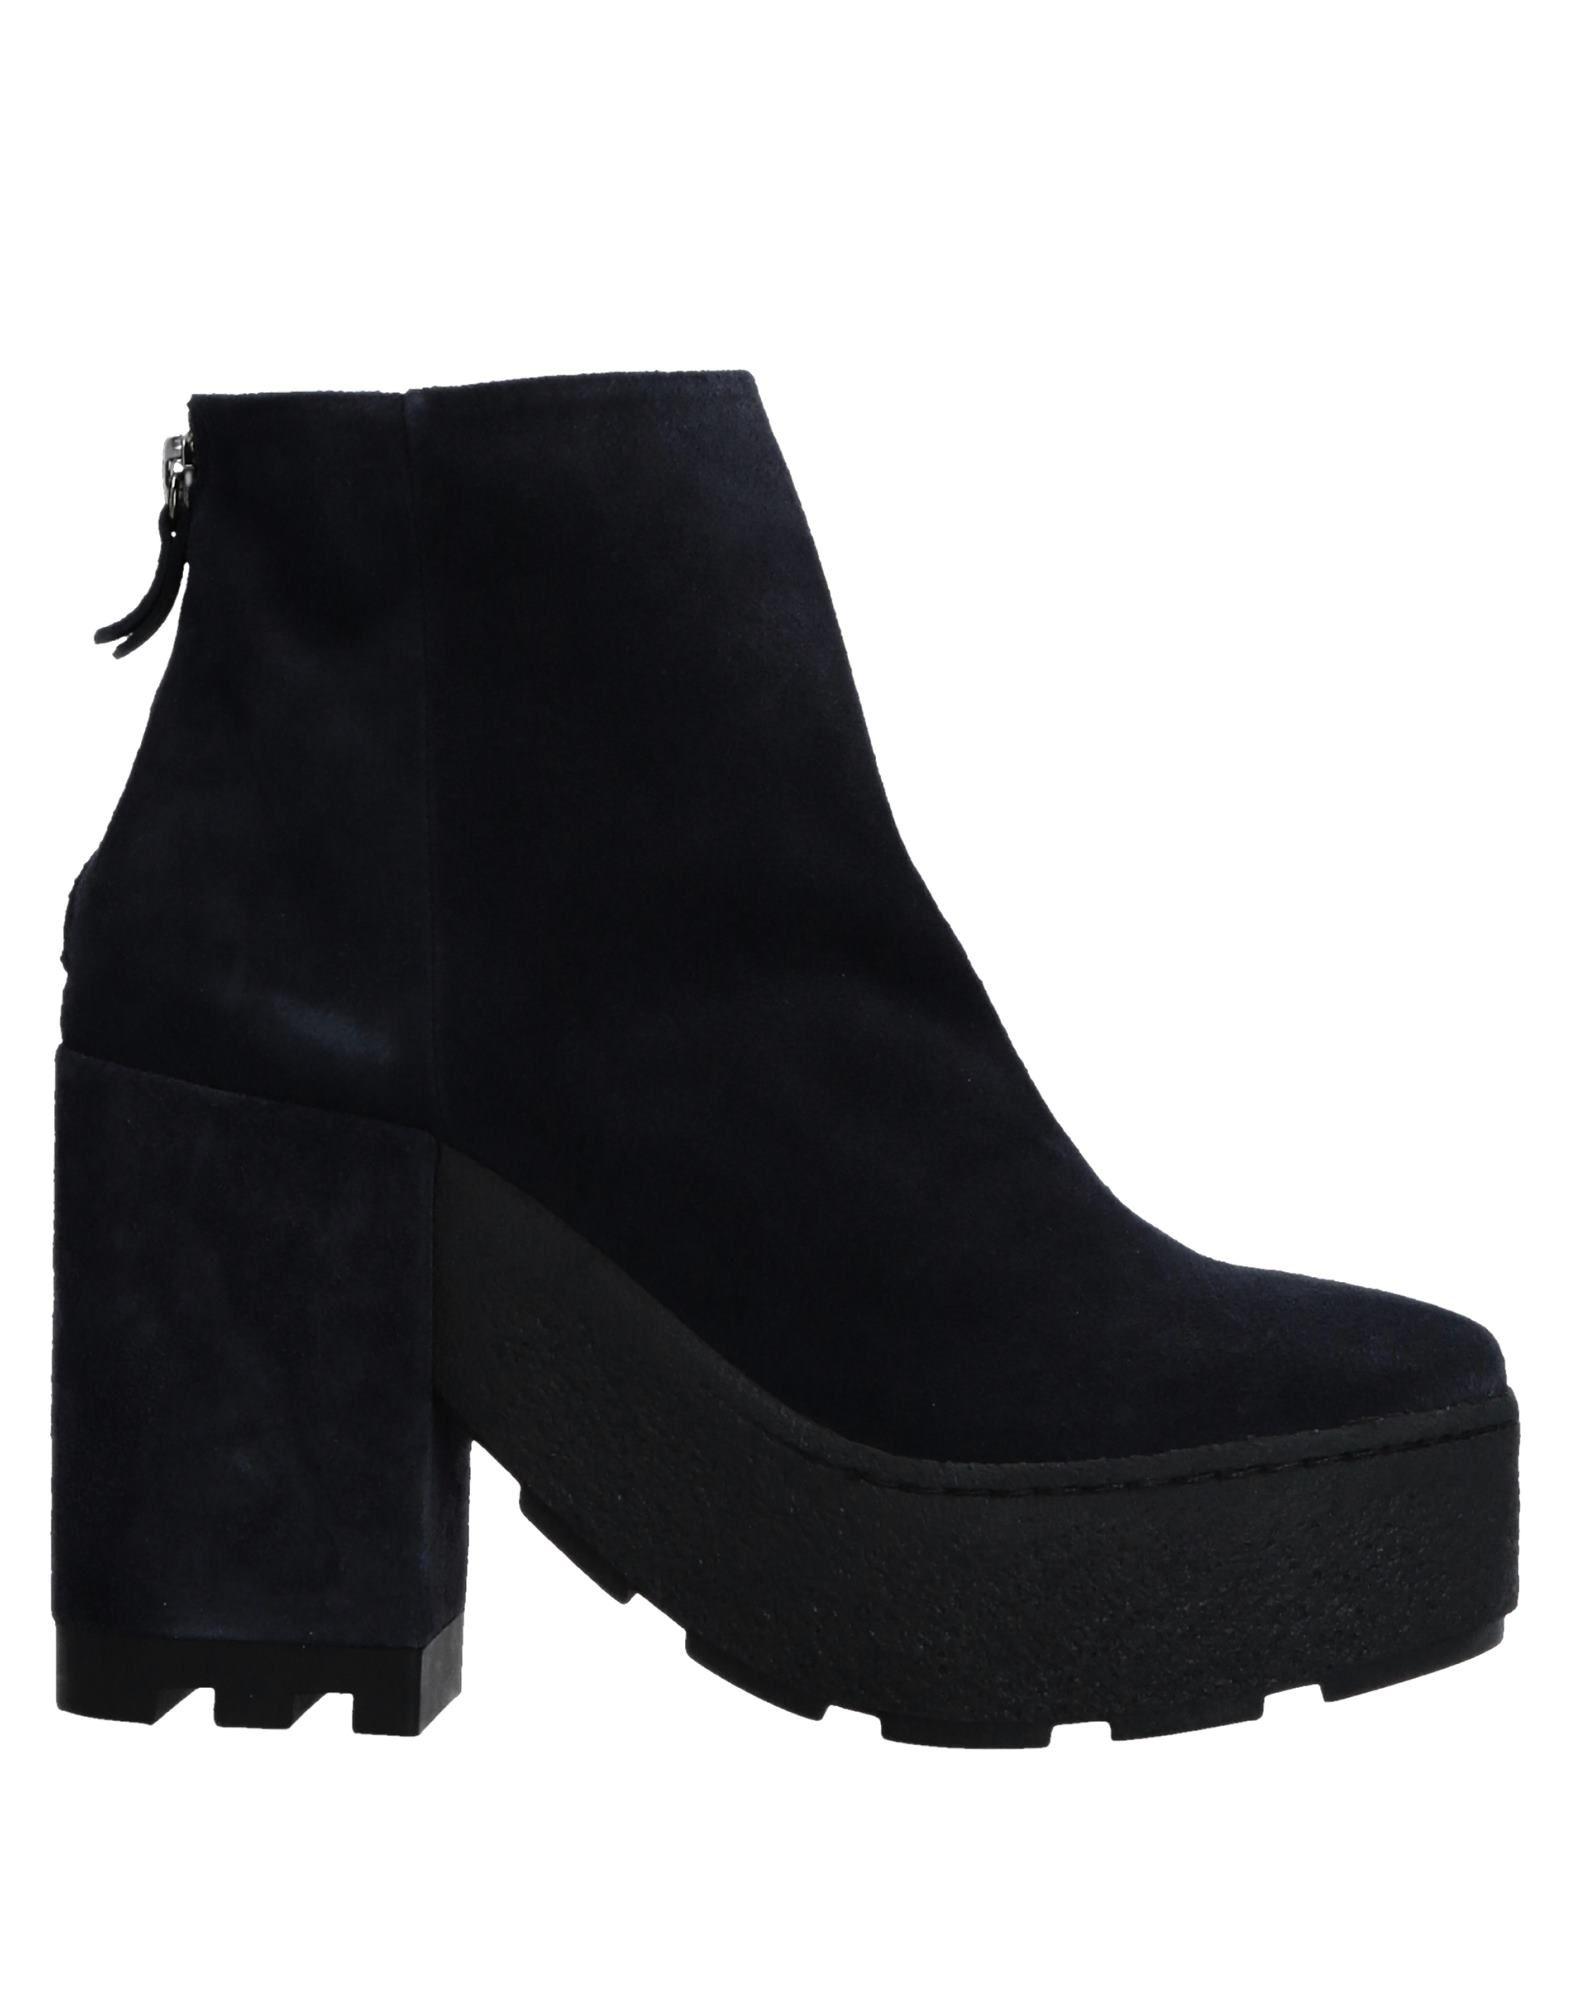 87 Vic Matiē Stiefelette Damen  11532559IB Neue Schuhe